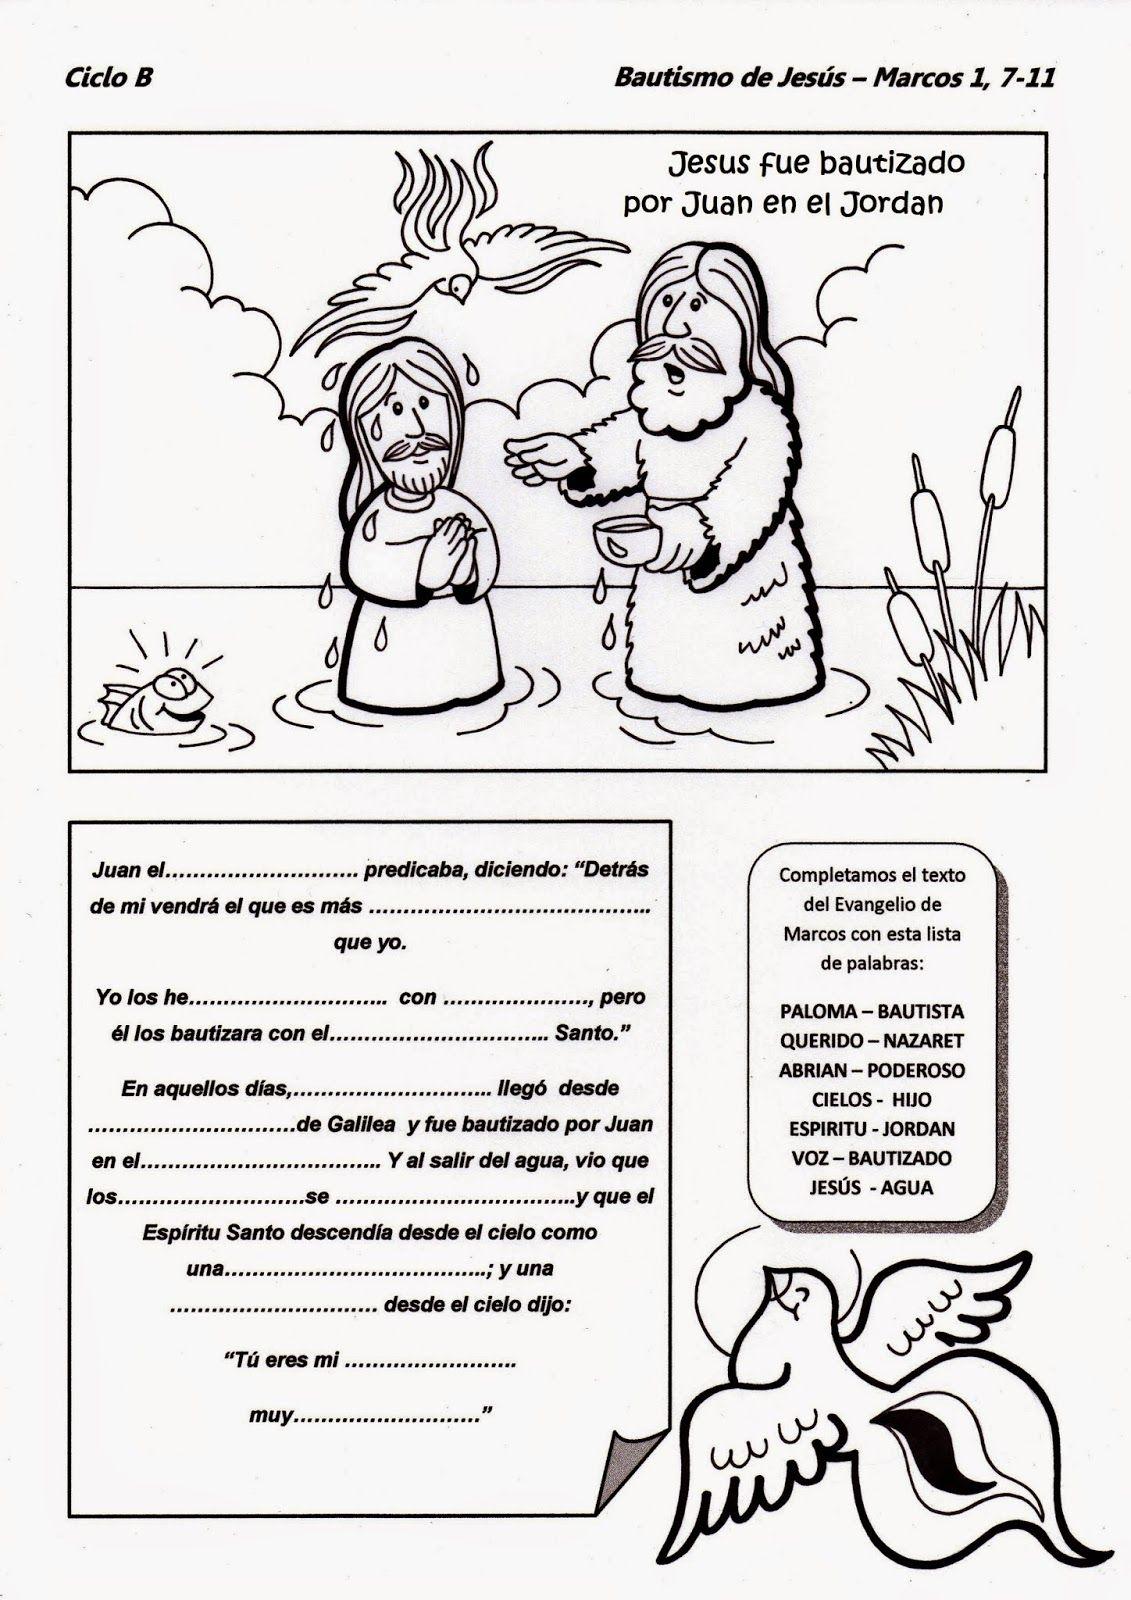 Matrimonio Catolico Lecturas : El rincón de las melli bautismo jesús ciclo b